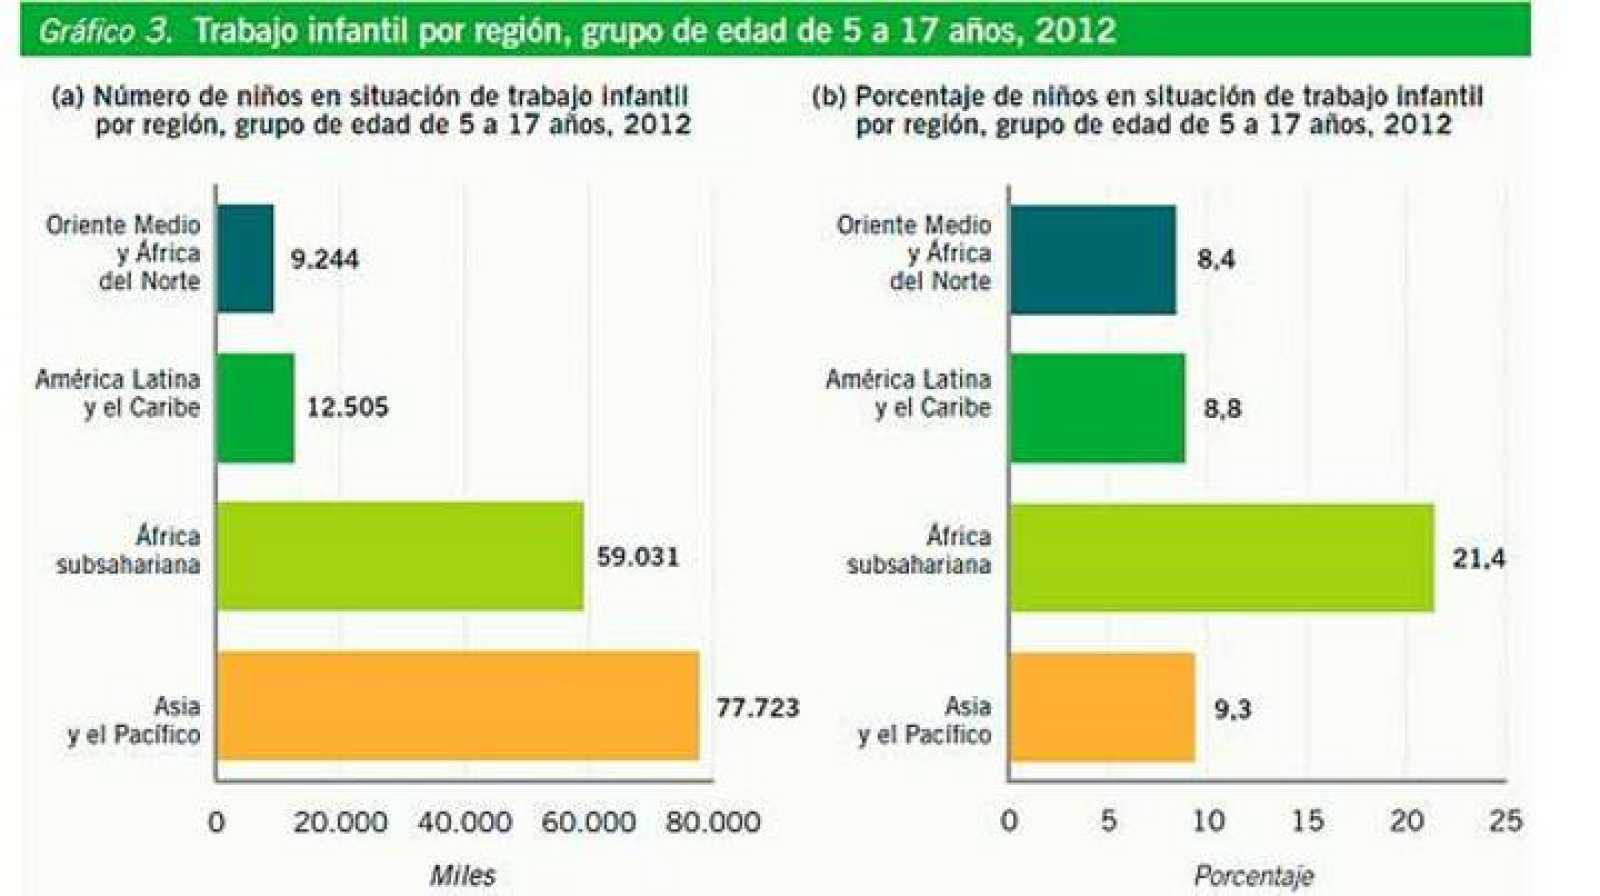 Gráfico del trabajo infantil por región con datos del 2012.